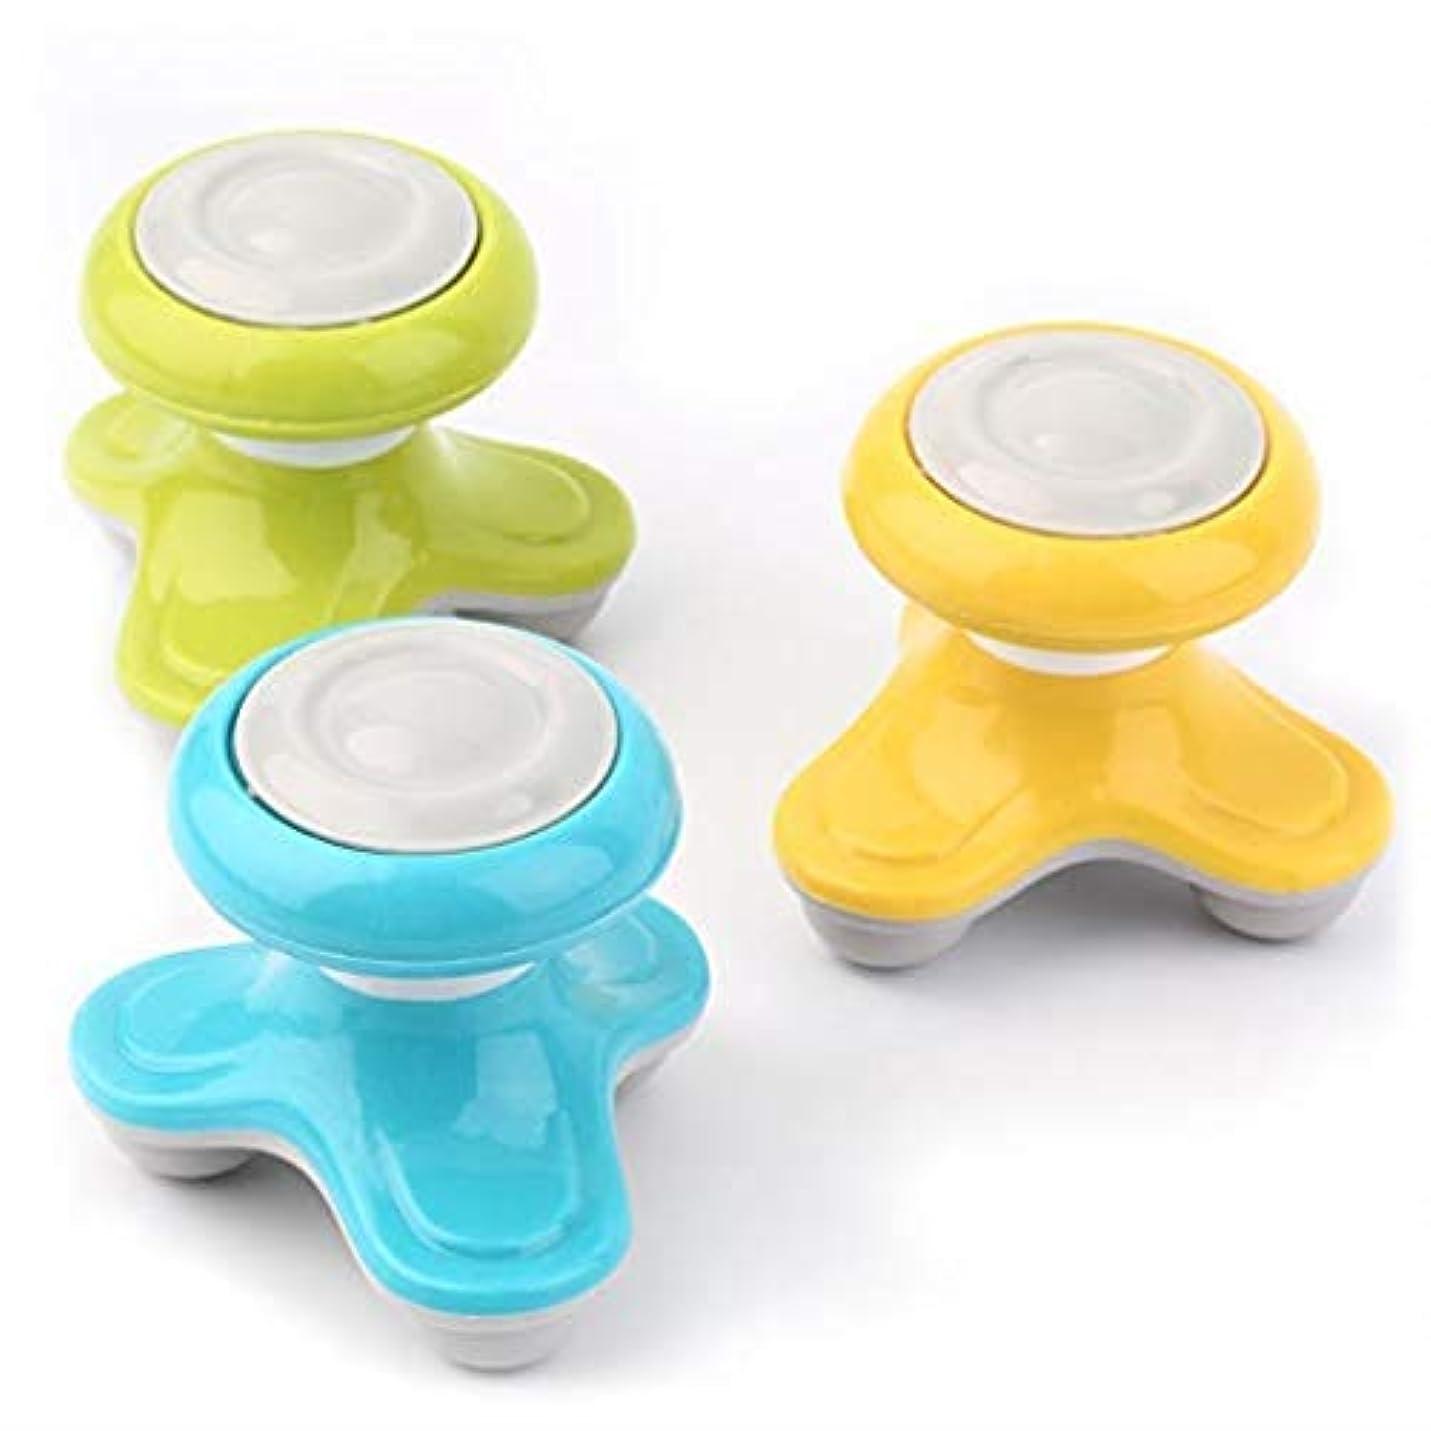 裸行くロック解除マッサージャー、ミニ電動ハンドヘルドポータブルマッサージャー、波動振動ヘッドマッサージャー、USB充電およびバッテリー、頭、首、脚、手に適し、体全体で使用可能 (Color : 青)